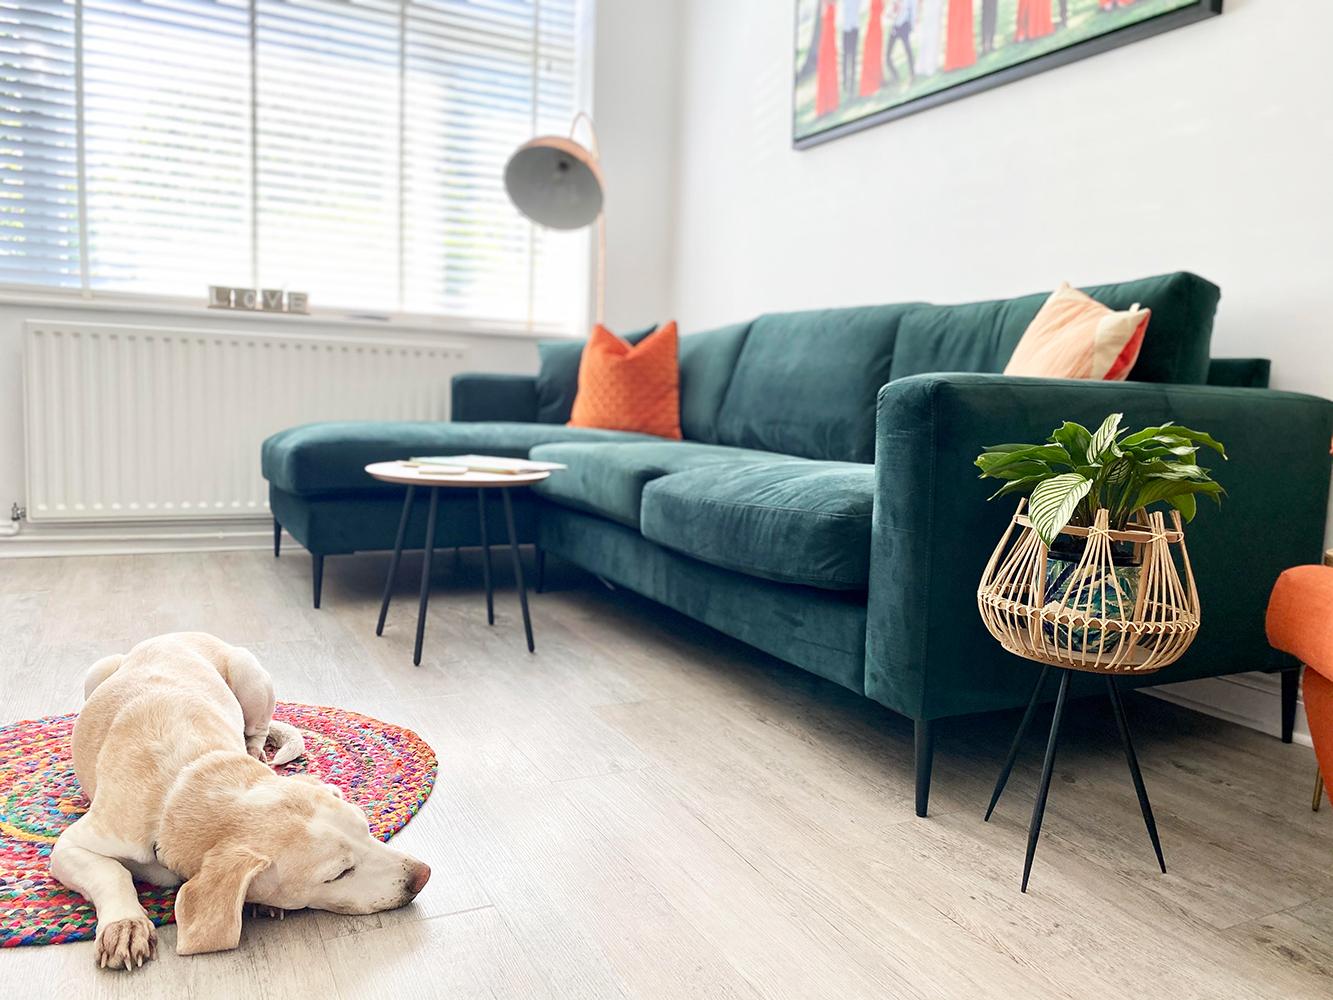 Covex Corner Sofa in a colorful interior